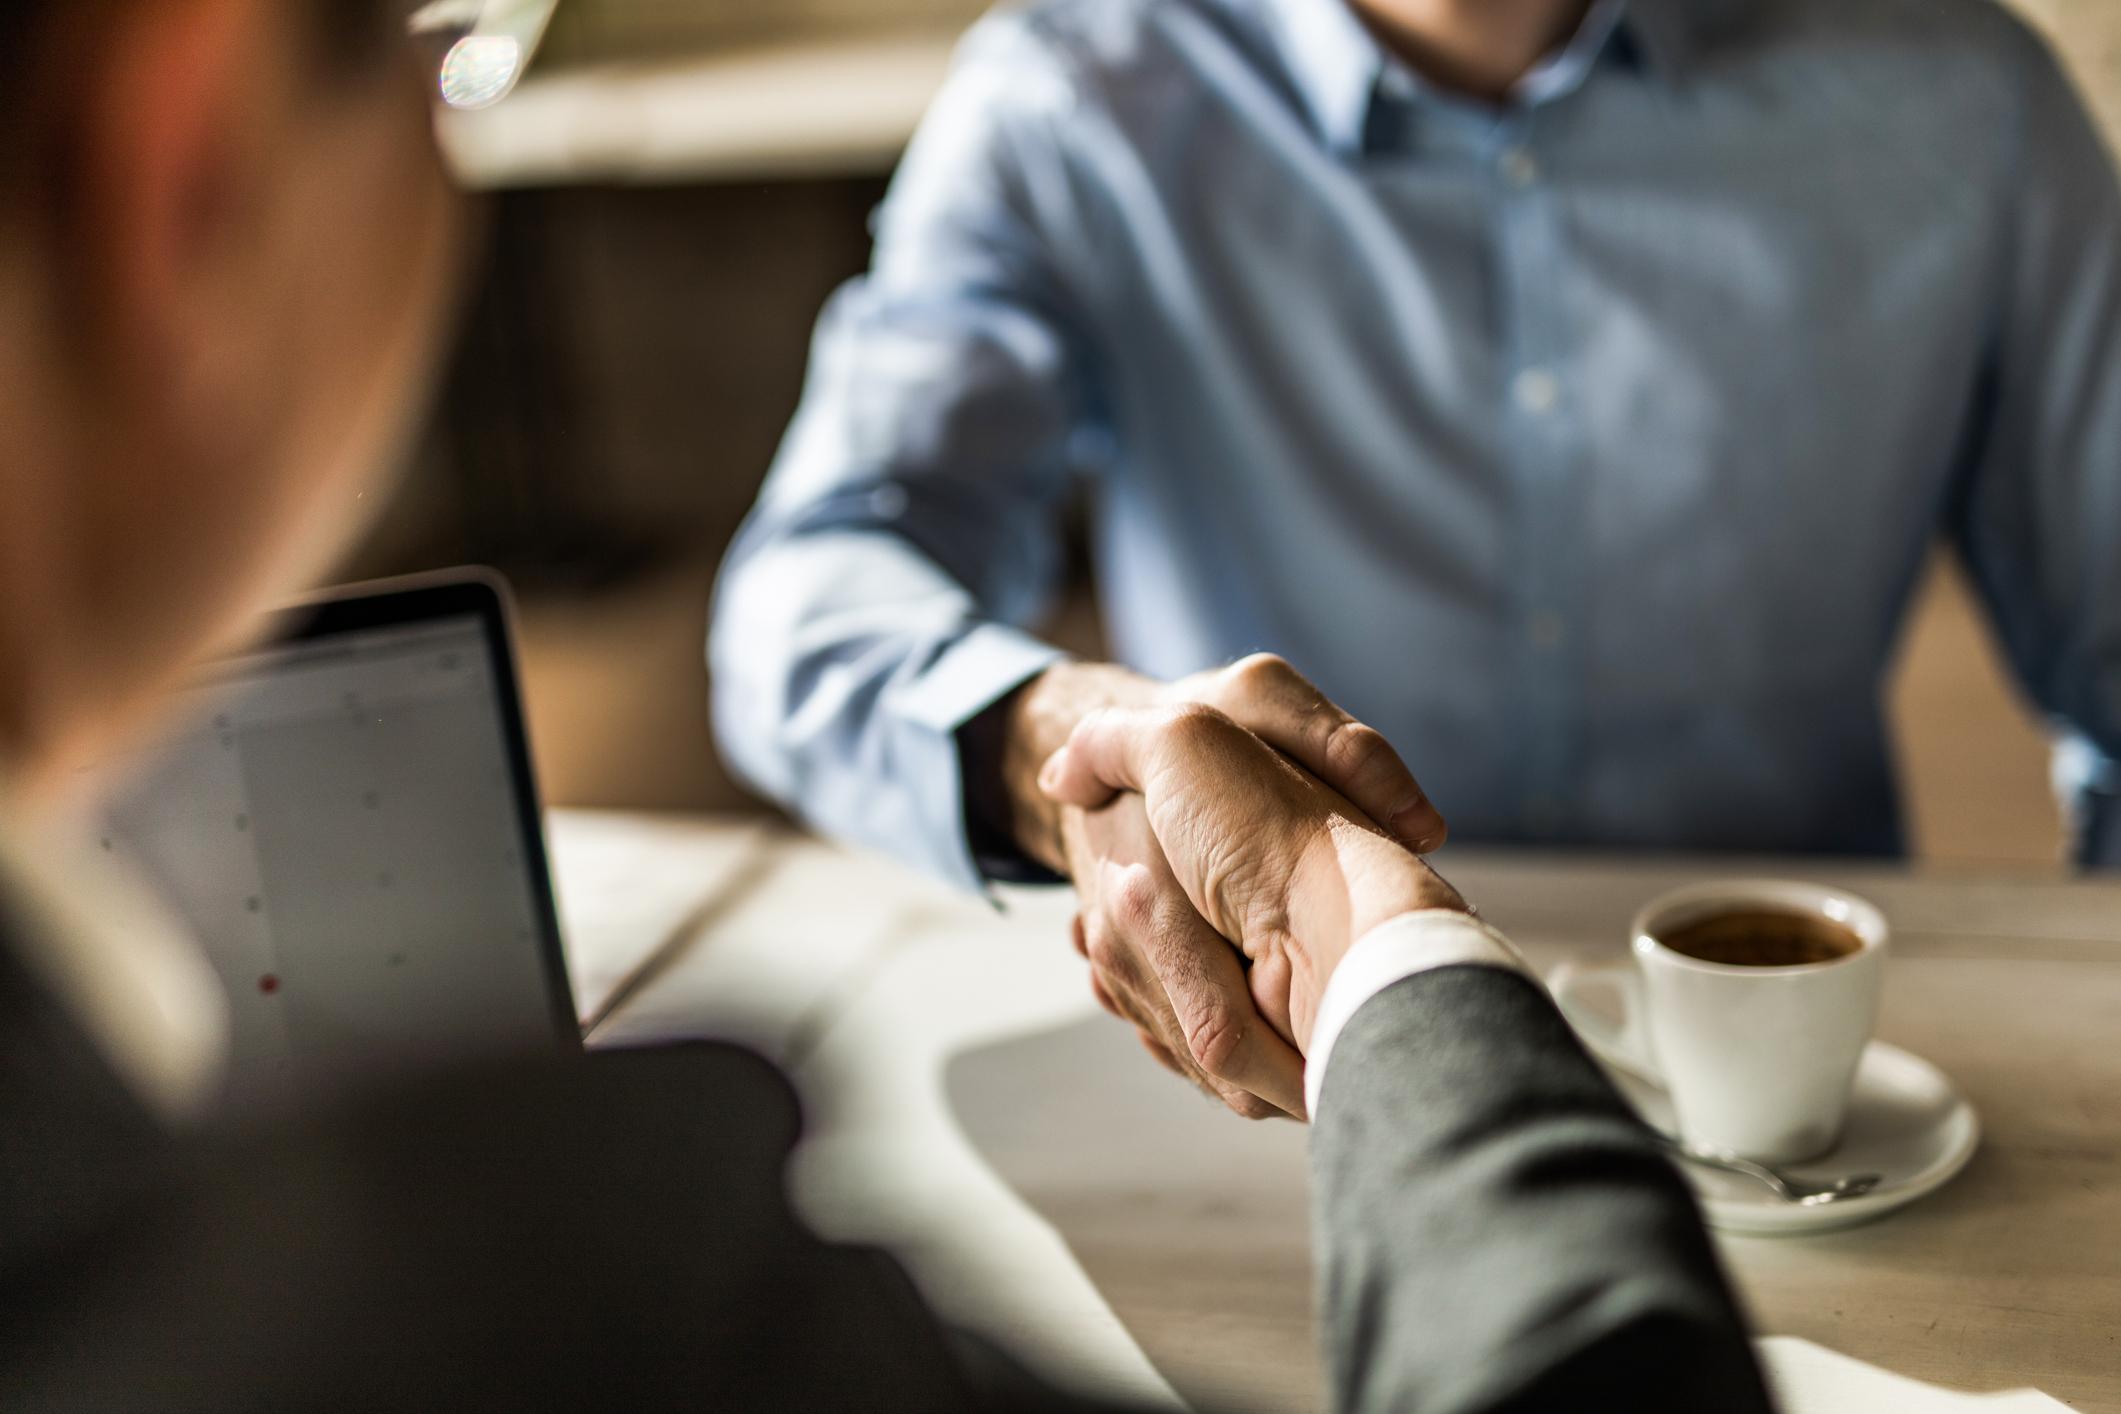 la-banca-unifica-en-una-web-sus-iniciativas-de-ayuda-a-autonomos-y-empresas-frente-a-la-covid-19